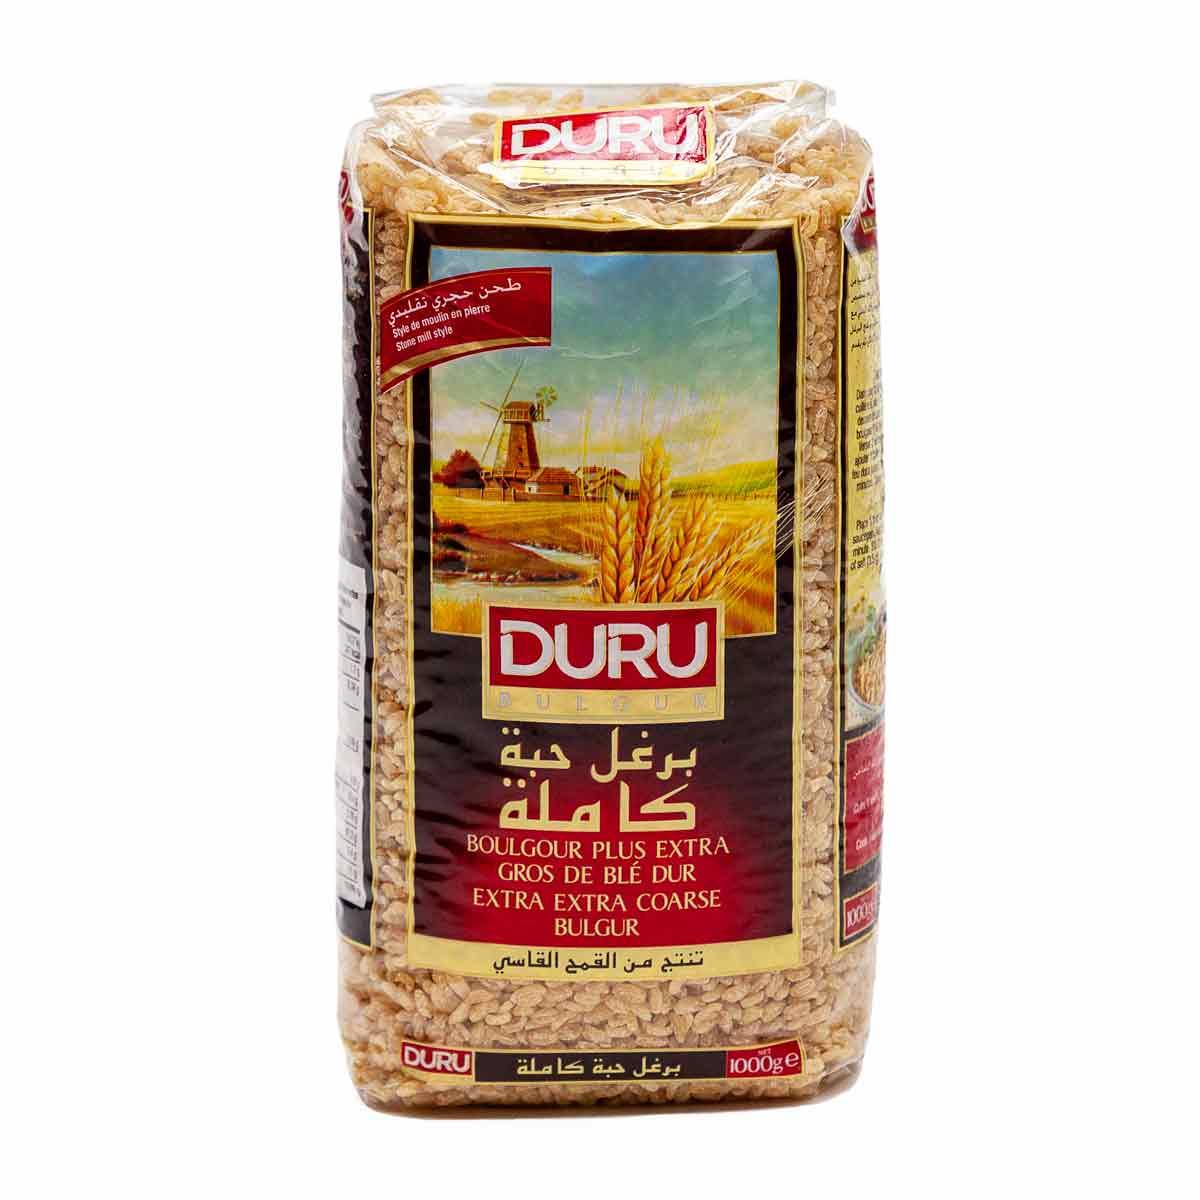 DURU Bulgur - Couscous - Koskosi 1000 g